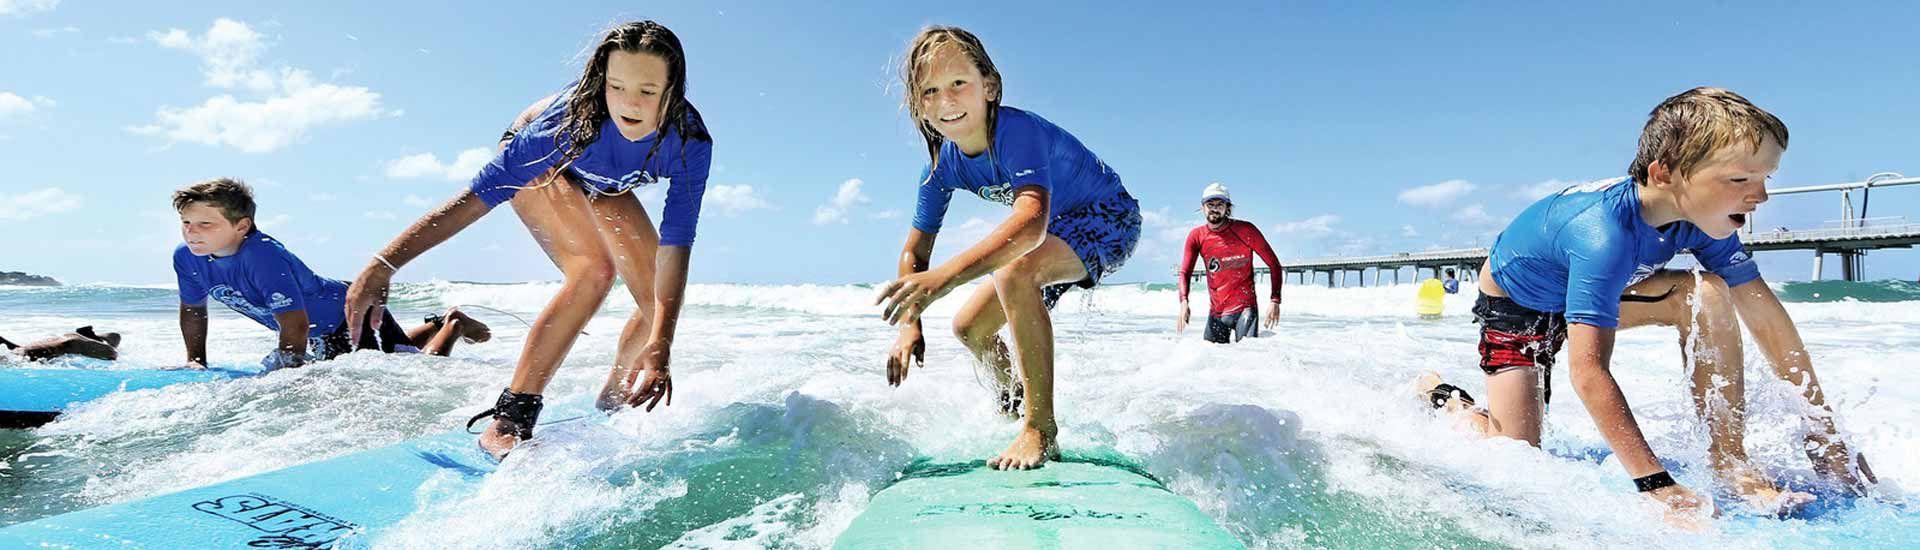 Casals d'estiu de Surf